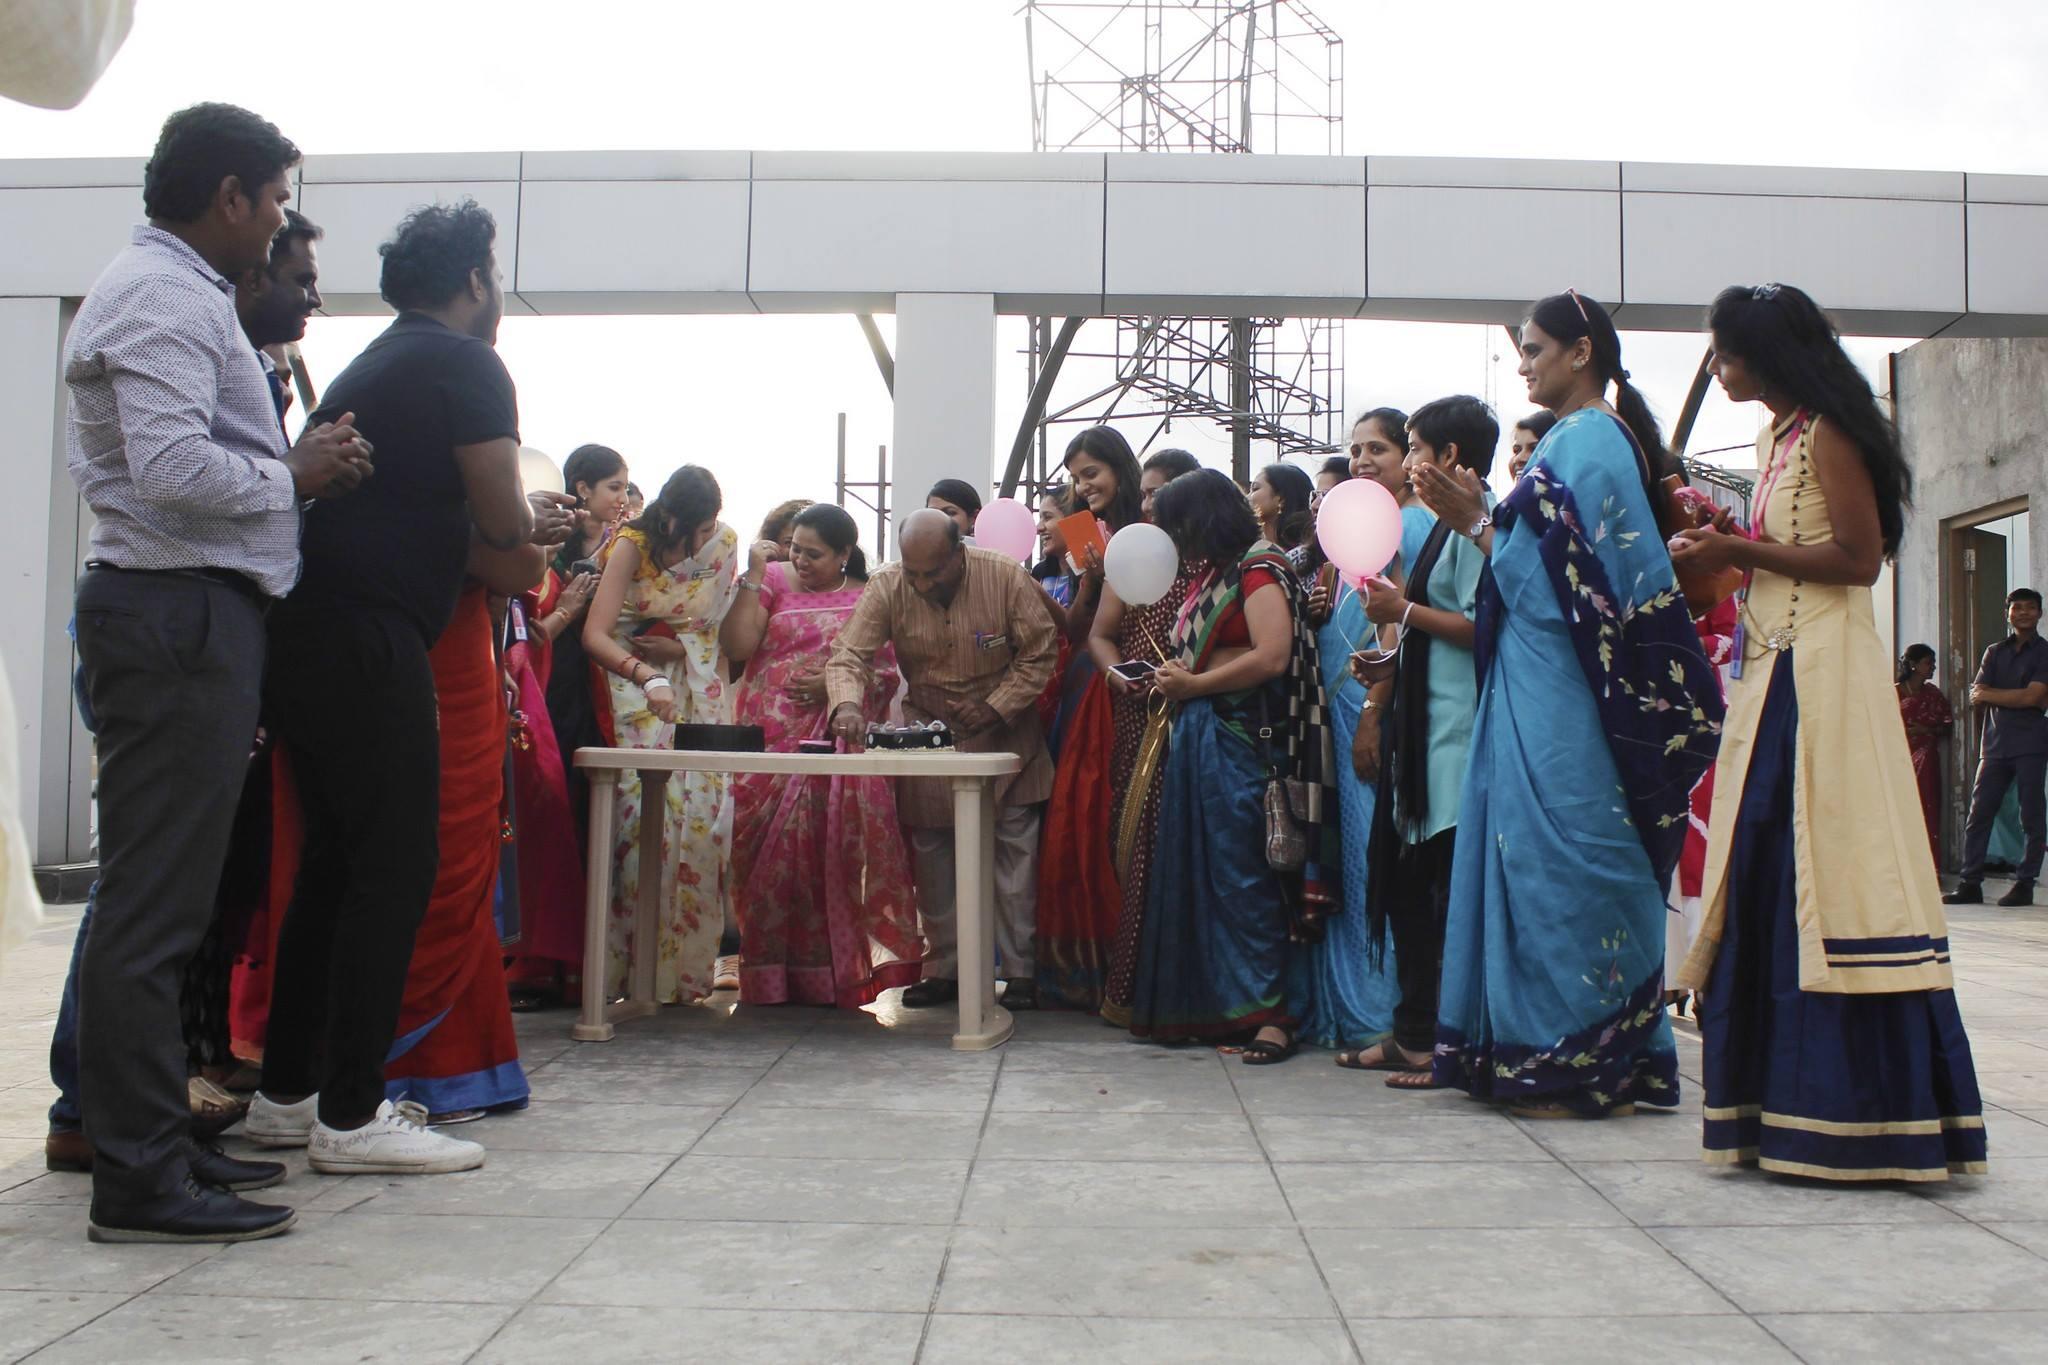 Teacher's Day Celebration at JD Institute teacher's day - teachers day 10 - Teacher's Day Celebration at JD Institute